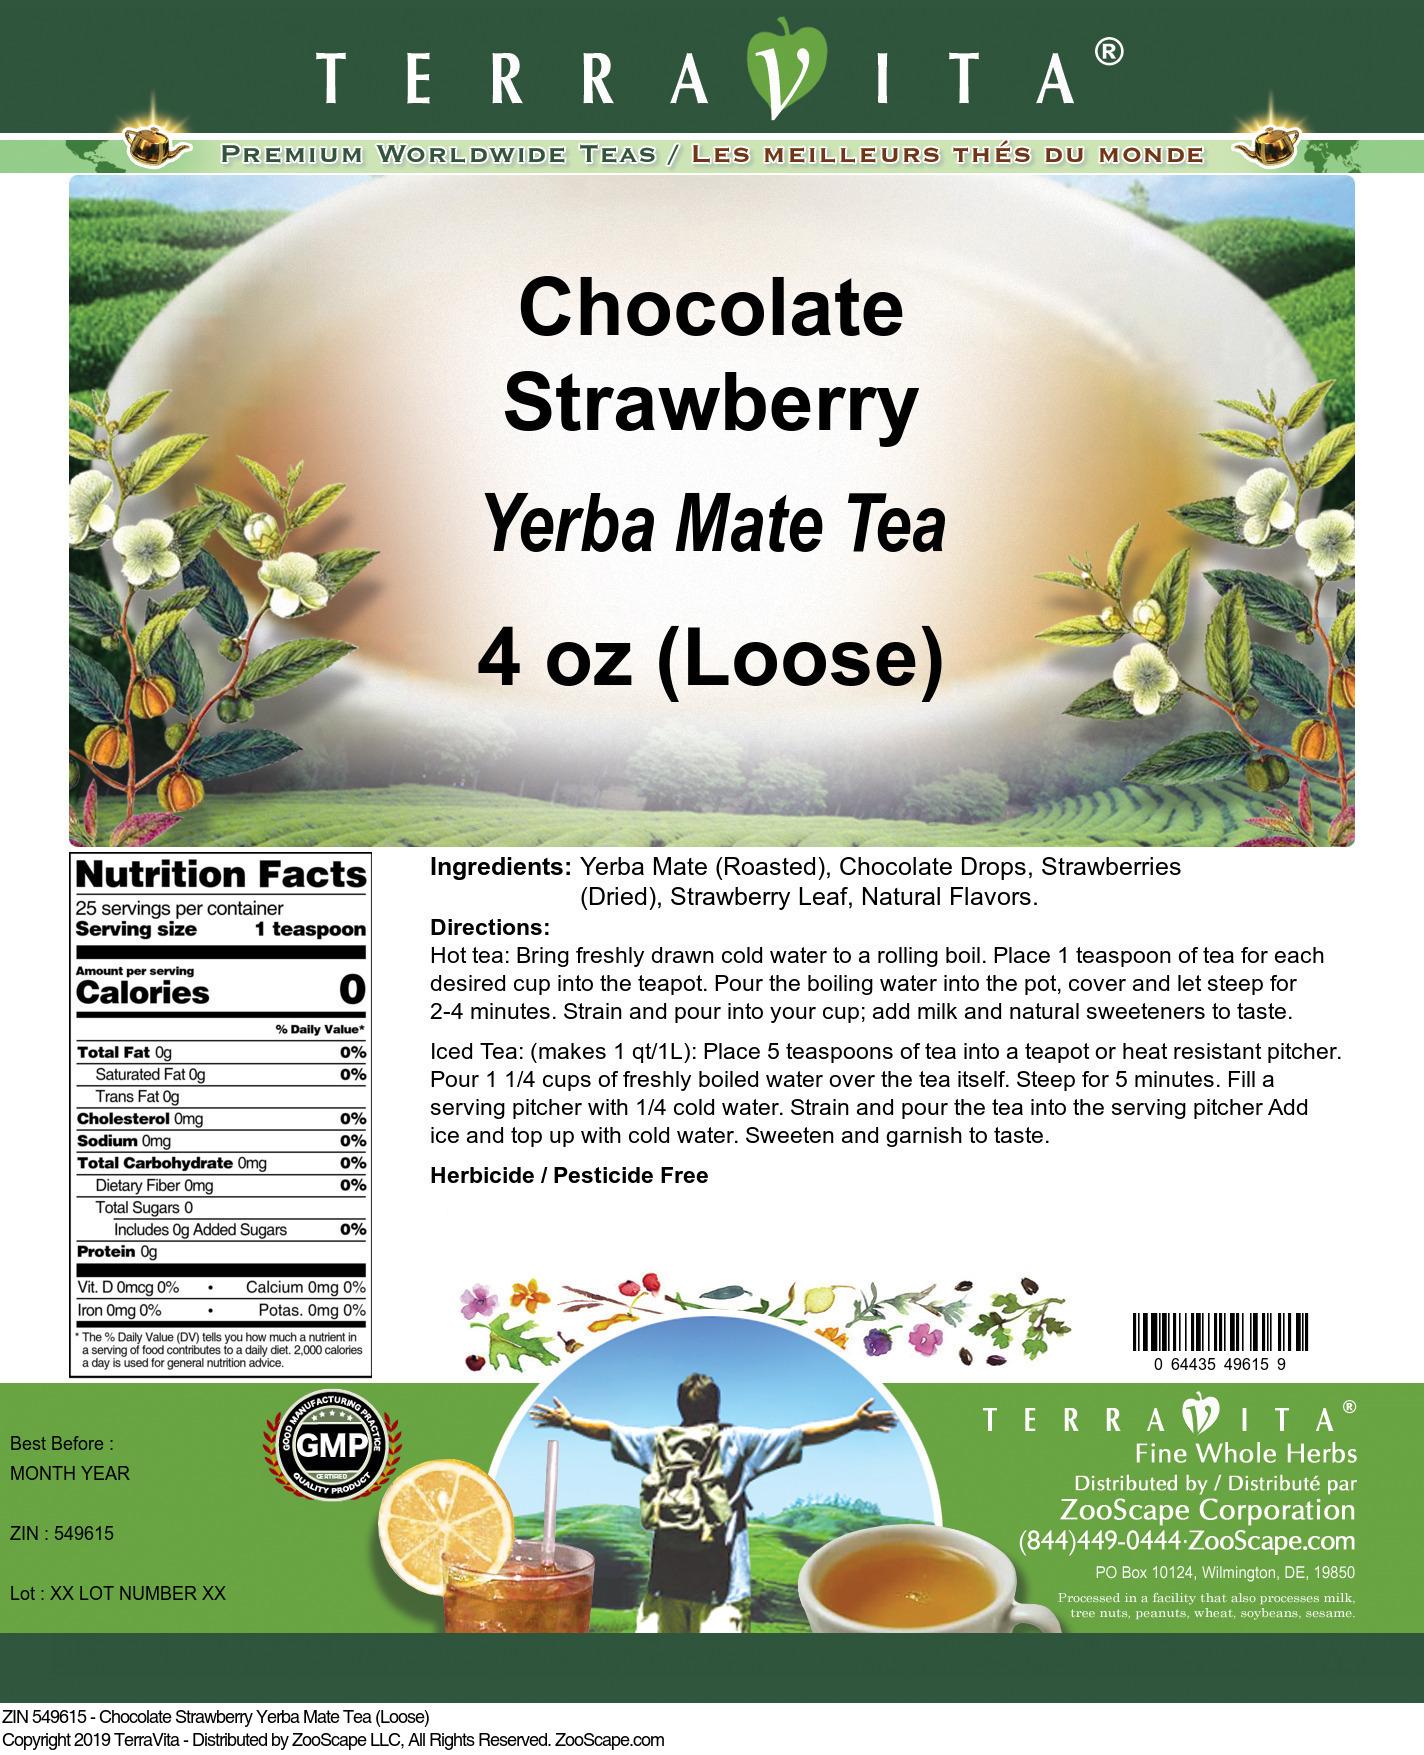 Chocolate Strawberry Yerba Mate